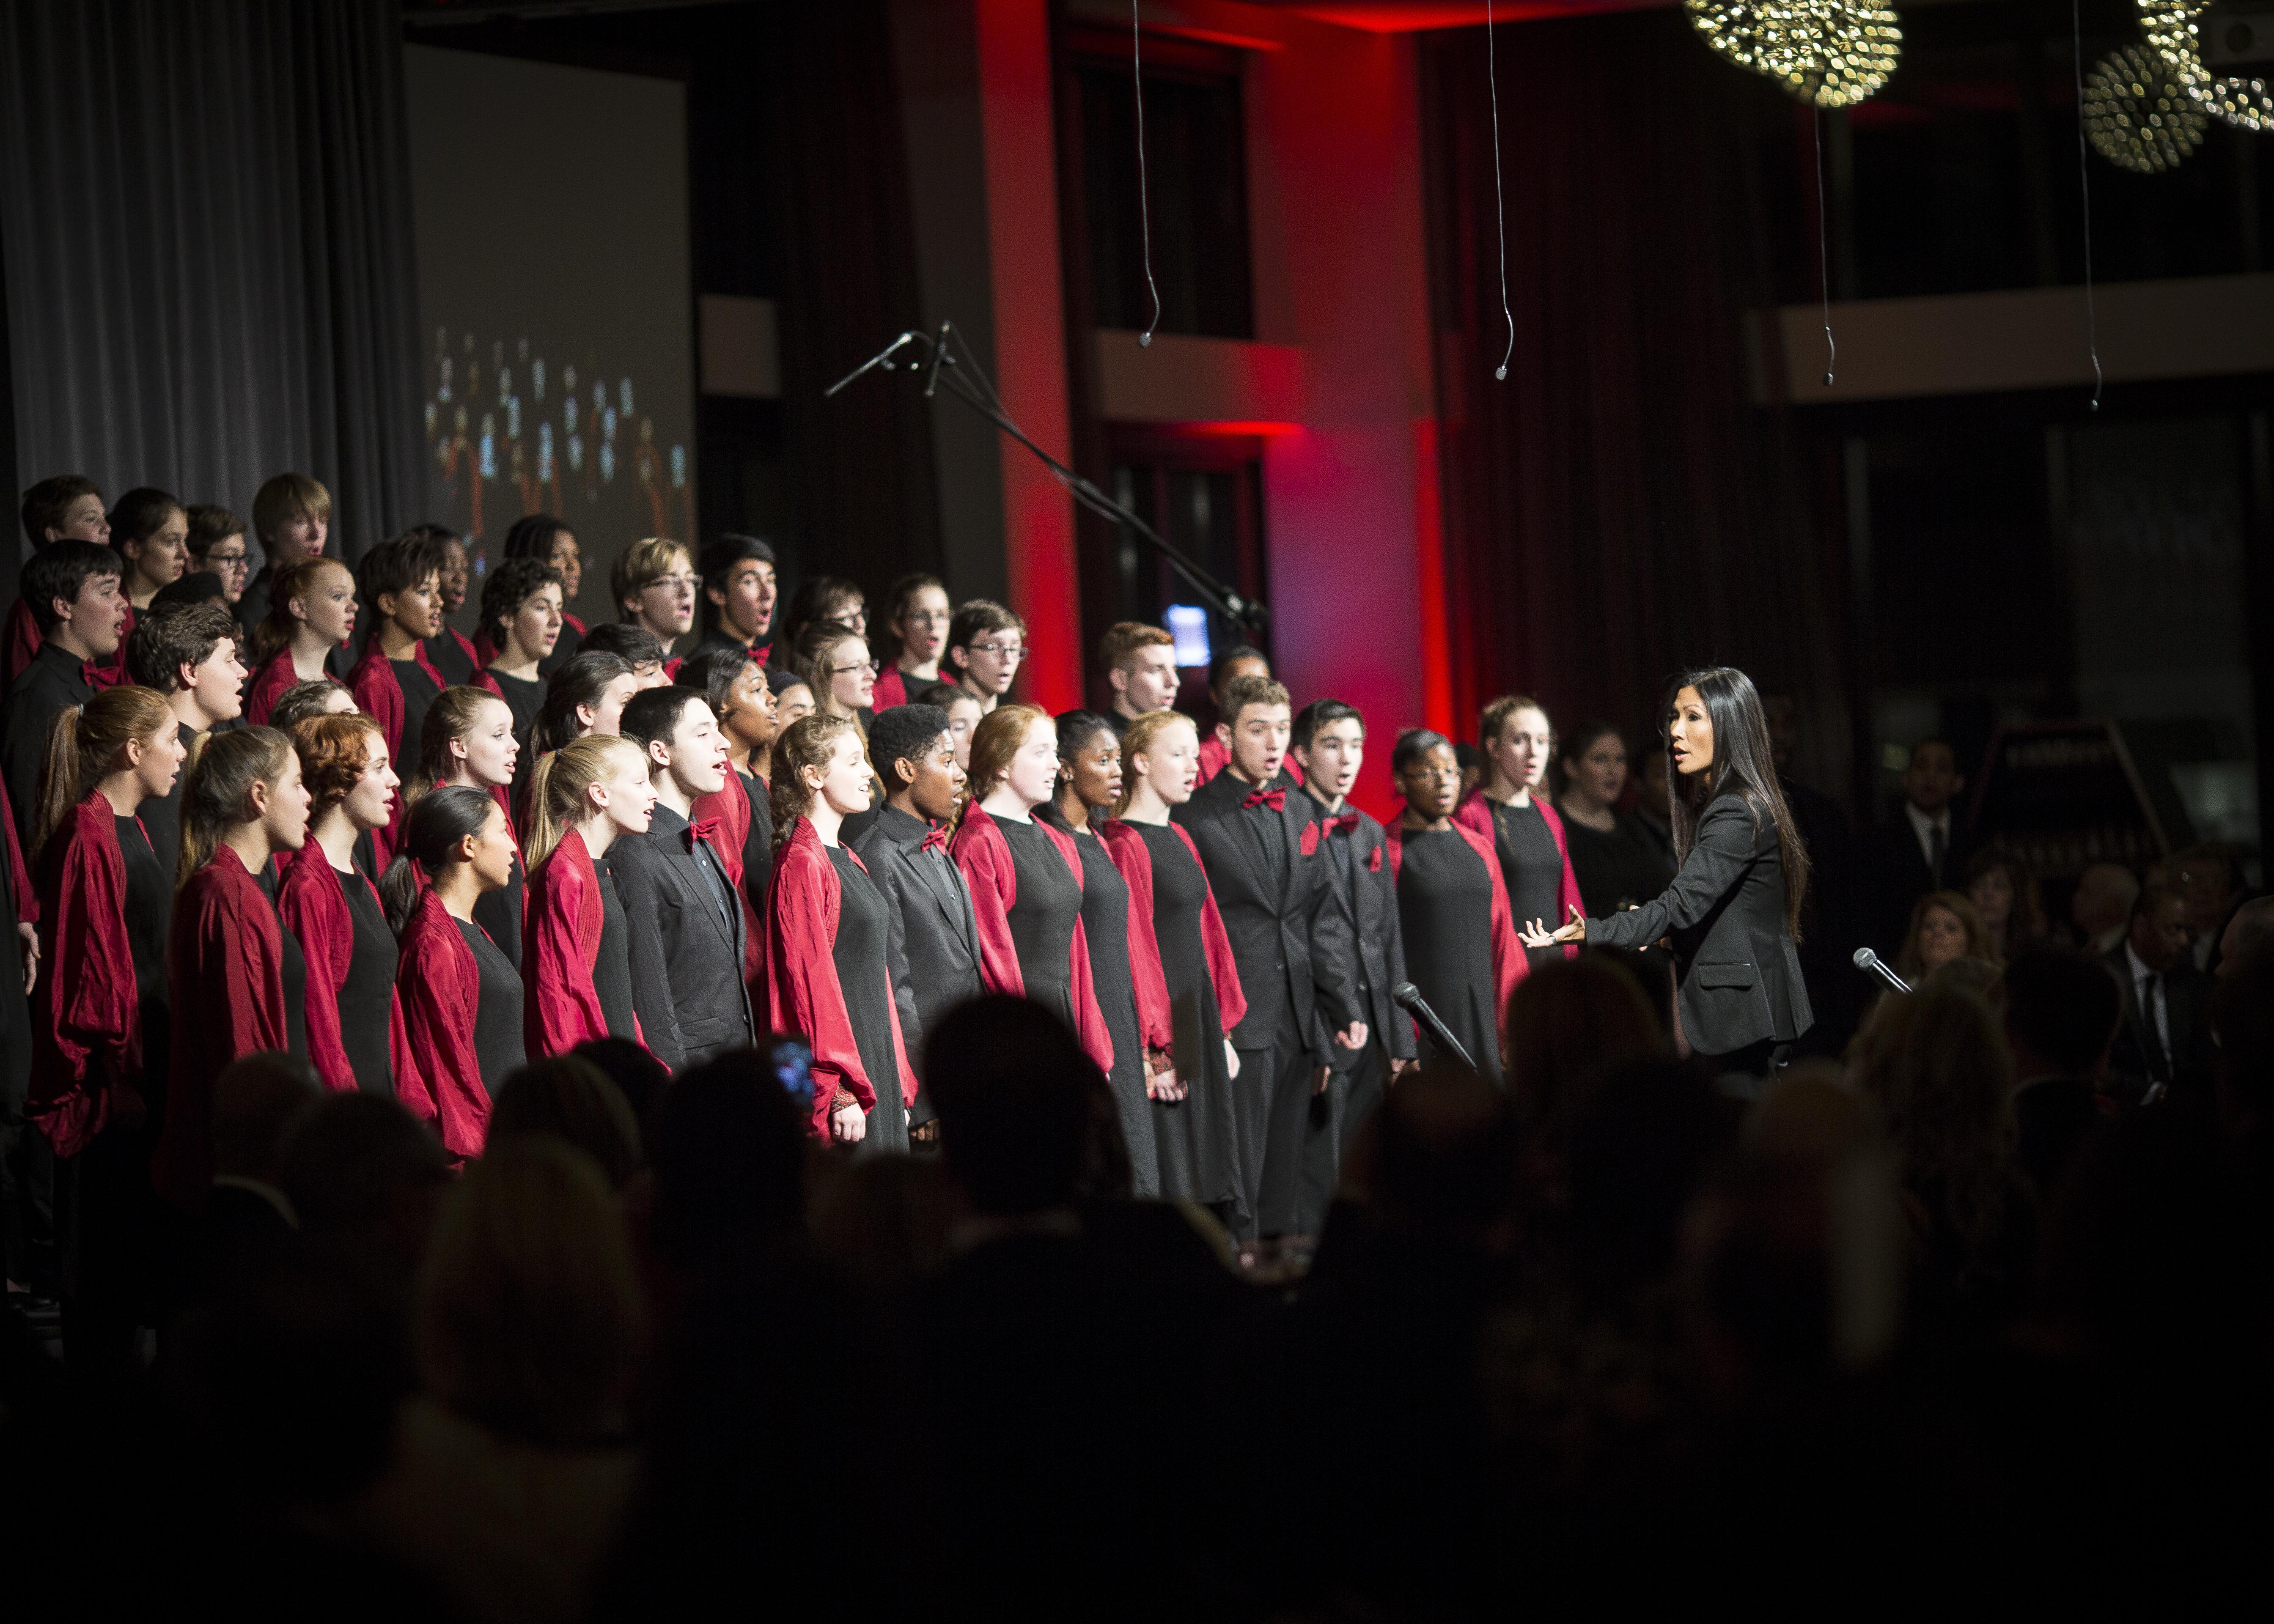 union church childrens choir - HD1200×857